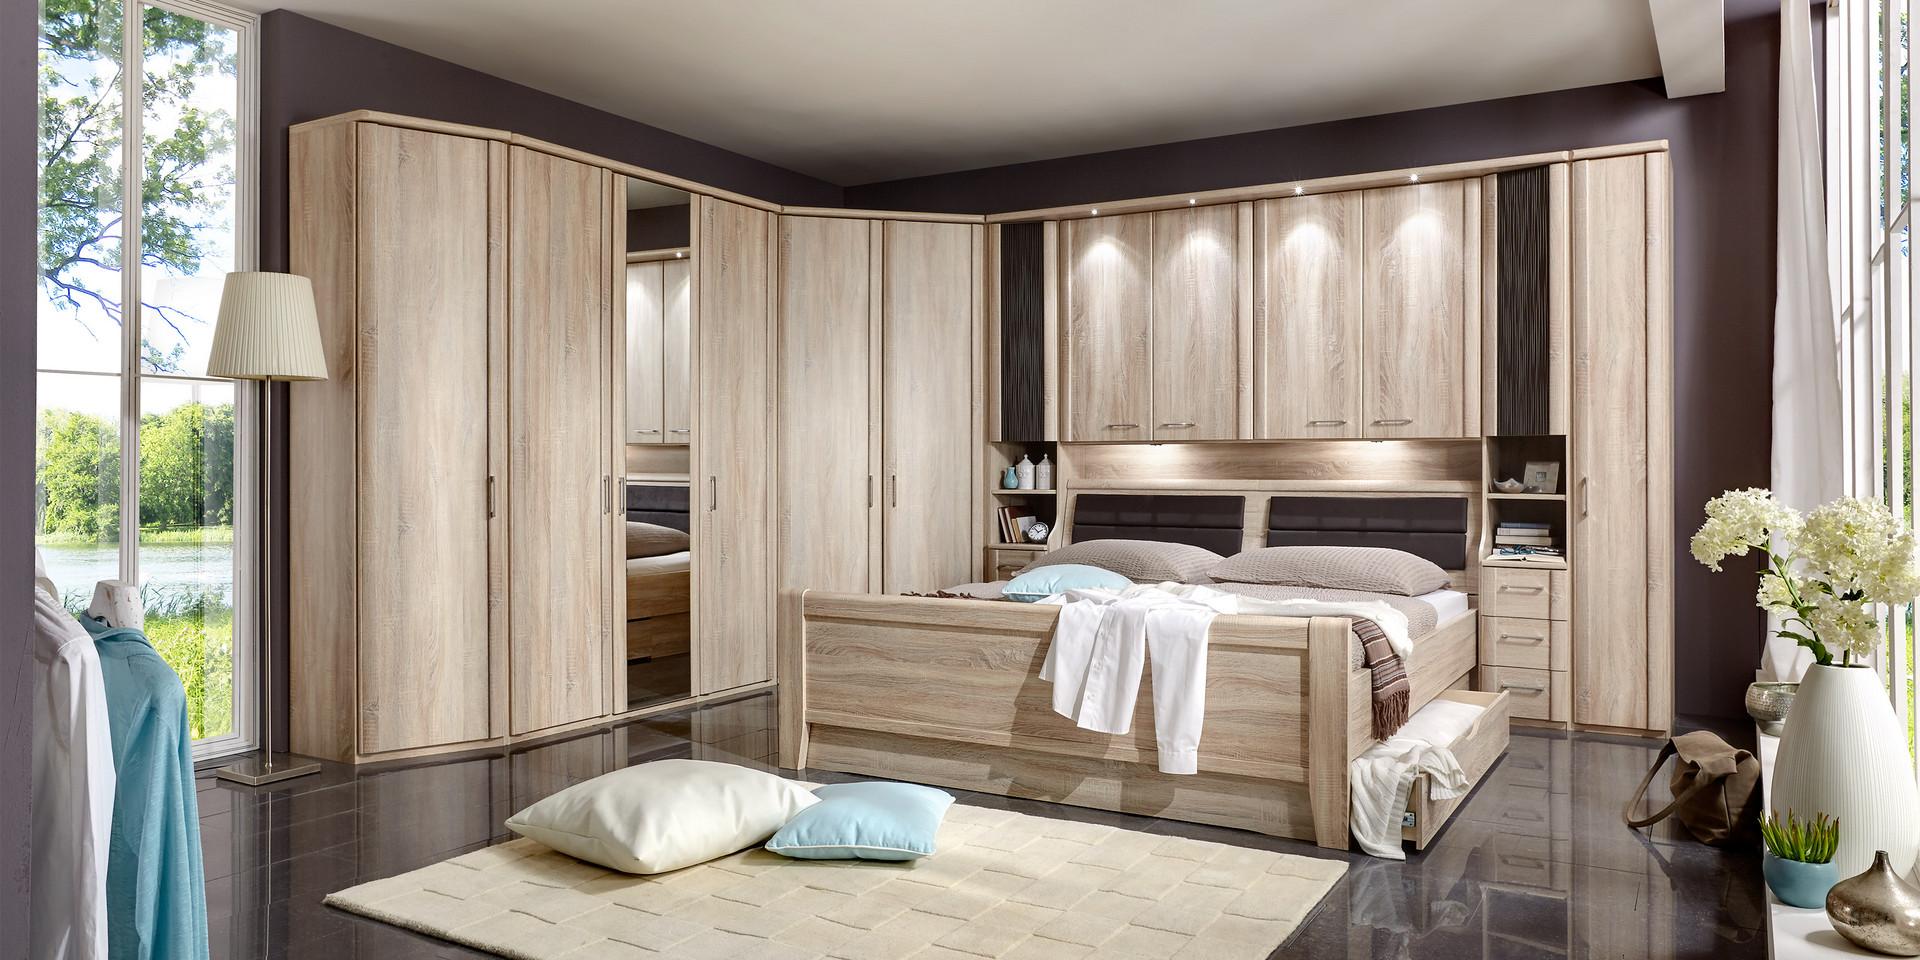 Full Size of überbau Schlafzimmer Modern Erleben Sie Das Luxor 3 4 Mbelhersteller Wiemann Set Mit Boxspringbett Komplett Günstig Landhausstil Wandlampe Esstisch Weißes Wohnzimmer überbau Schlafzimmer Modern